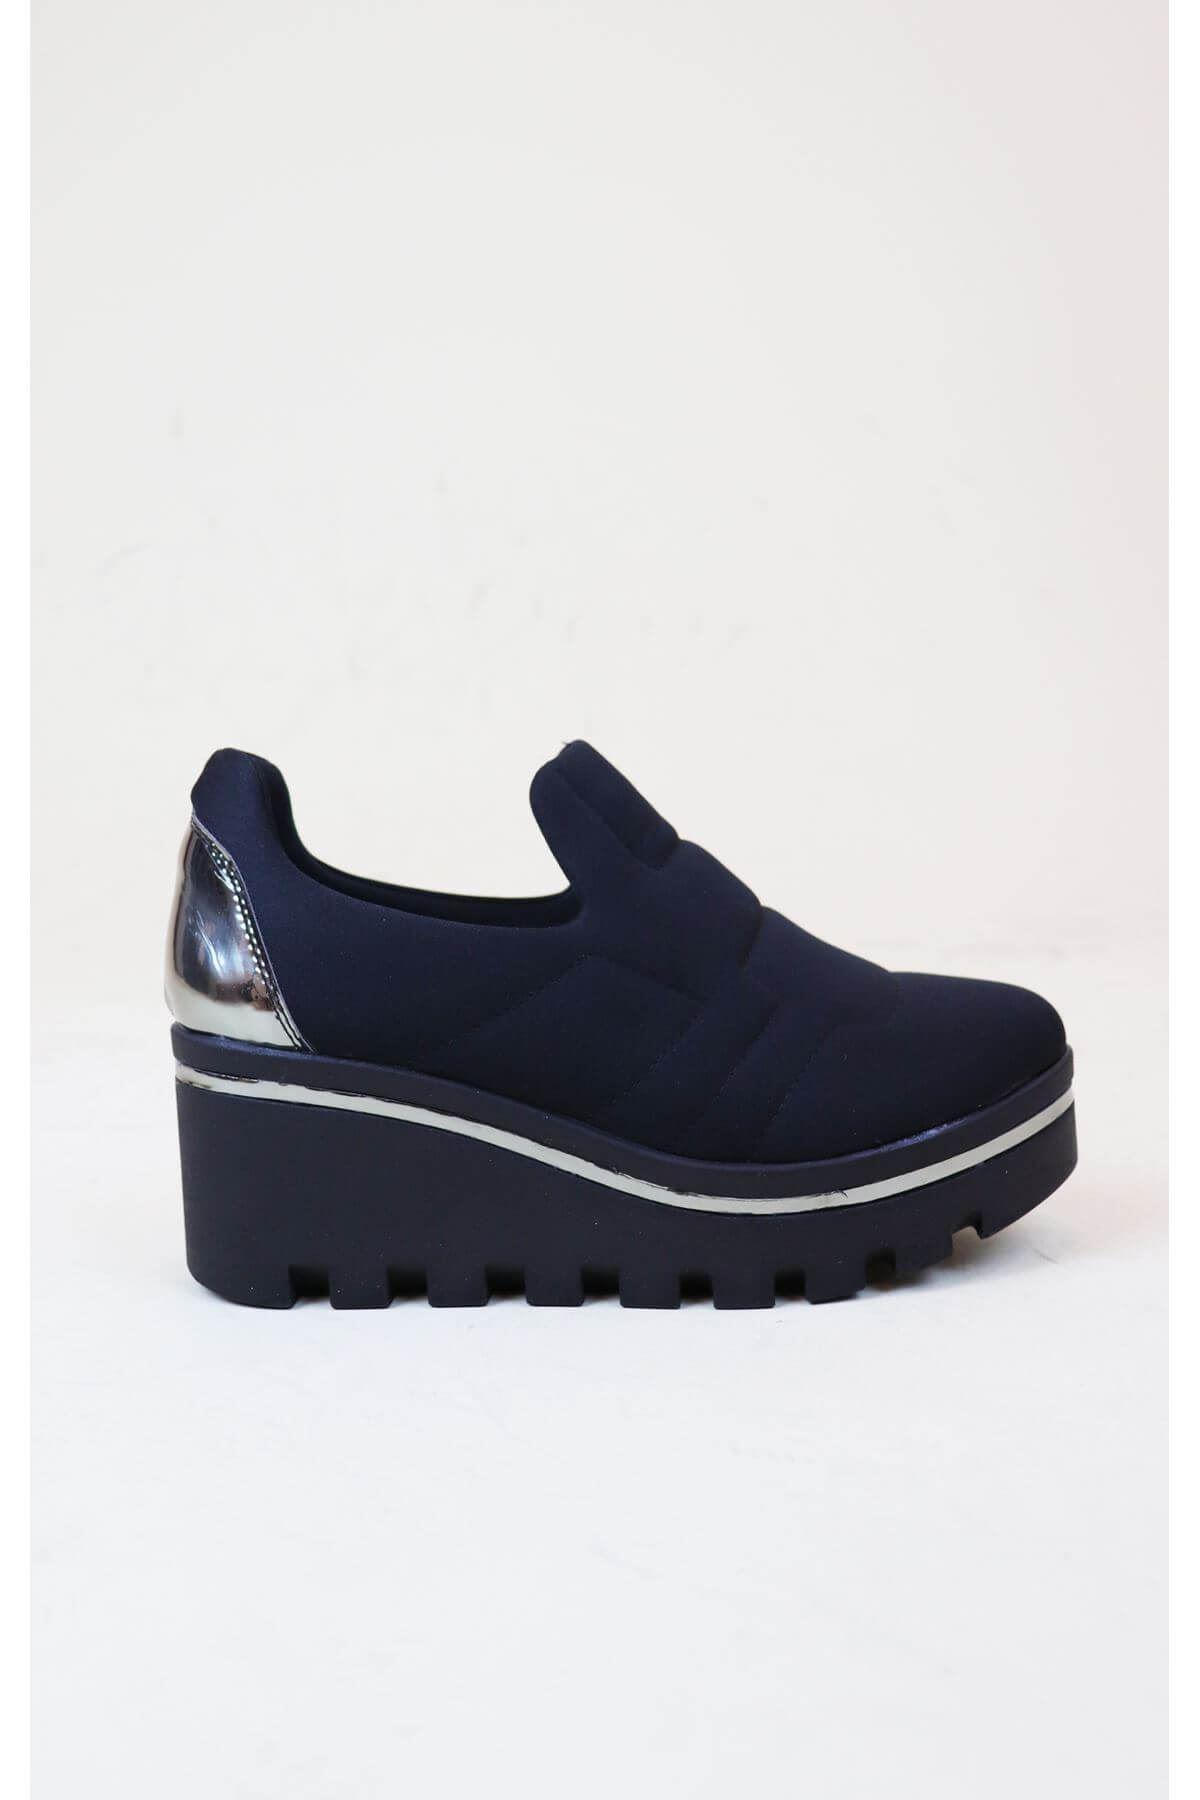 Trend Ayakkabı 1007 Siyah Streç Dolgu Topuk Kadın Ayakkabısı